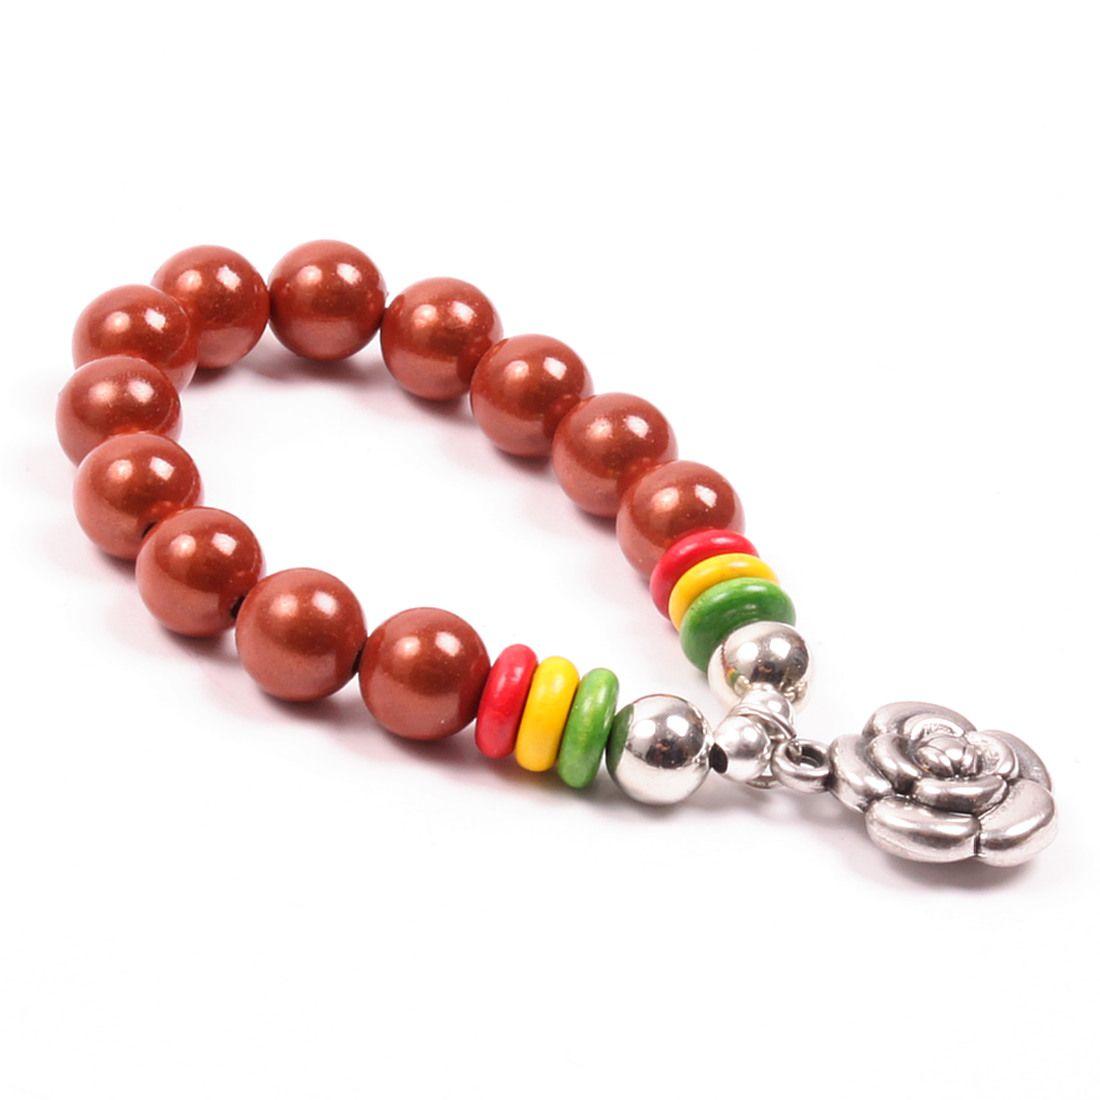 jewelry 187 bracelet rasta wrist band 187 rasta bracelet o